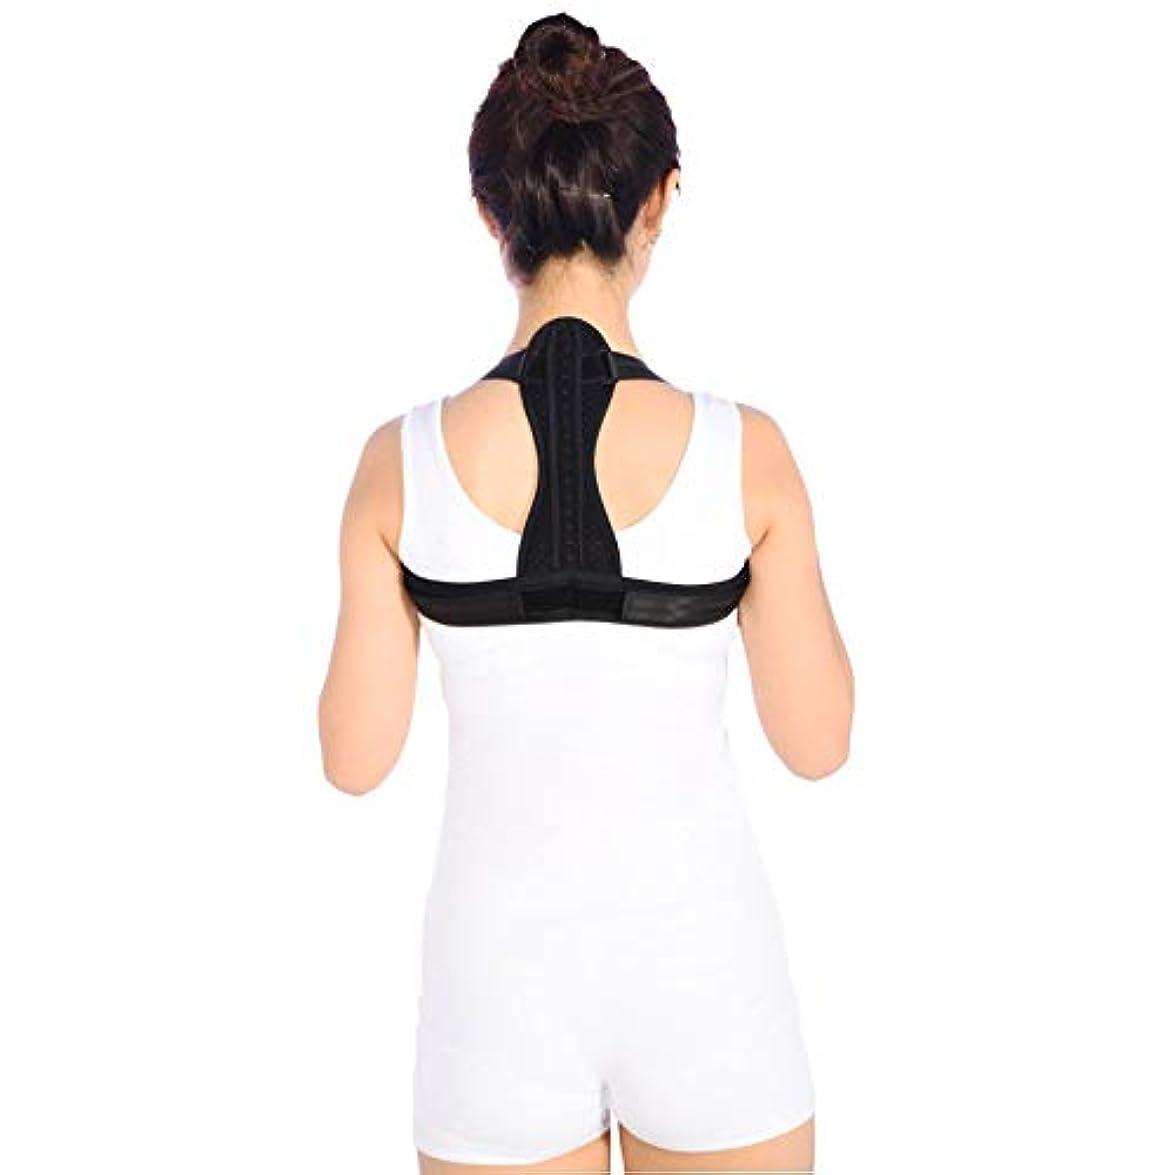 ソーダ水昼間合成通気性の脊柱側弯症ザトウクジラ補正ベルト調節可能な快適さ目に見えないベルト男性女性大人学生子供 - 黒